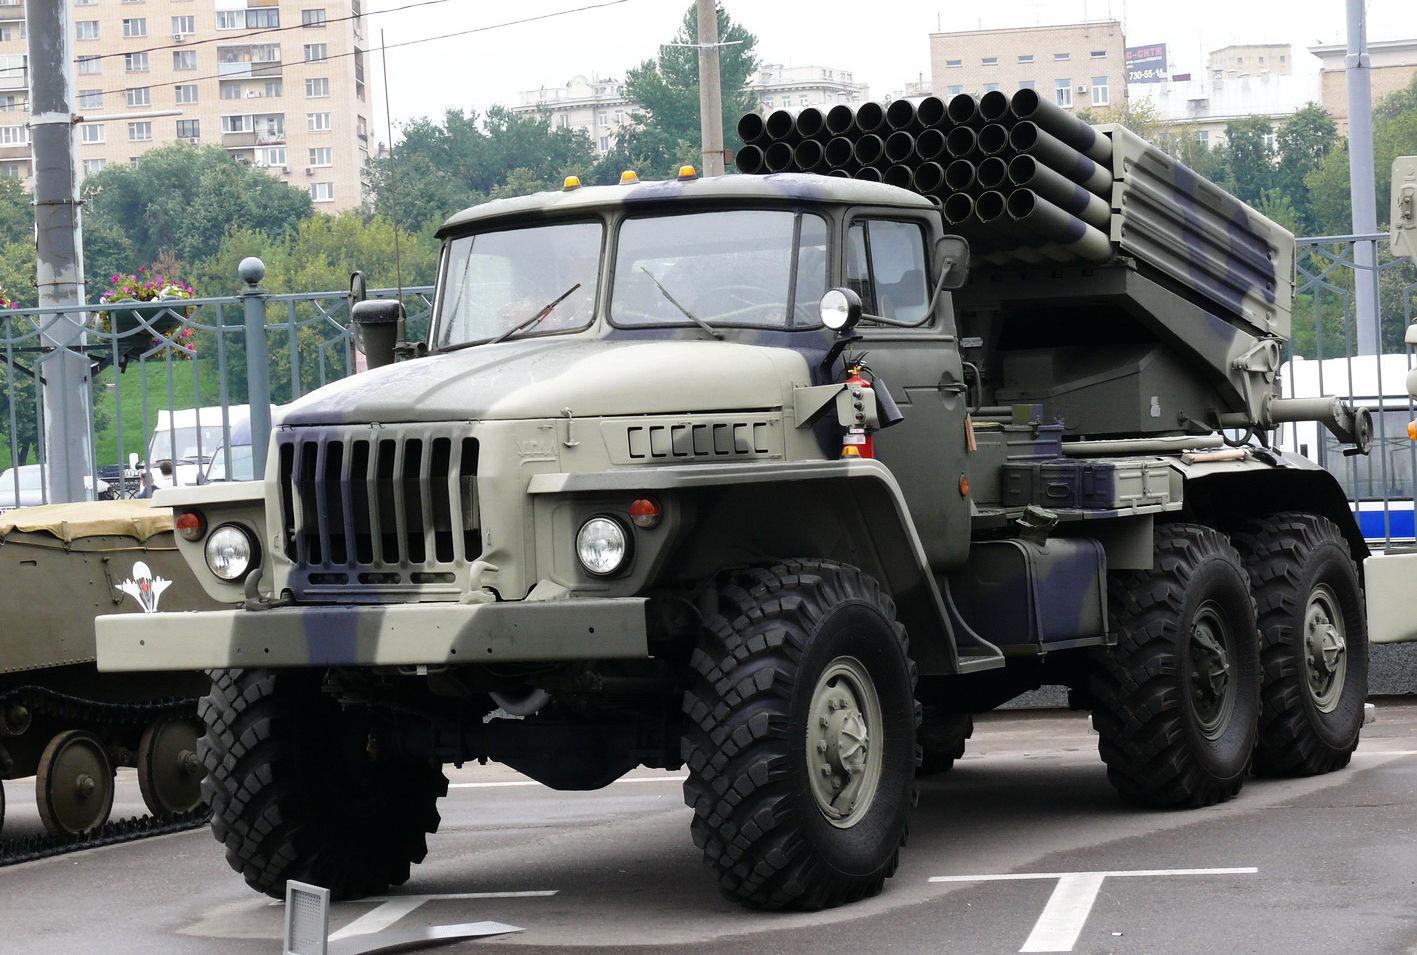 ОБСЕ: оккупанты на Донбассе размещают тяжелую боевую технику в жилых районах